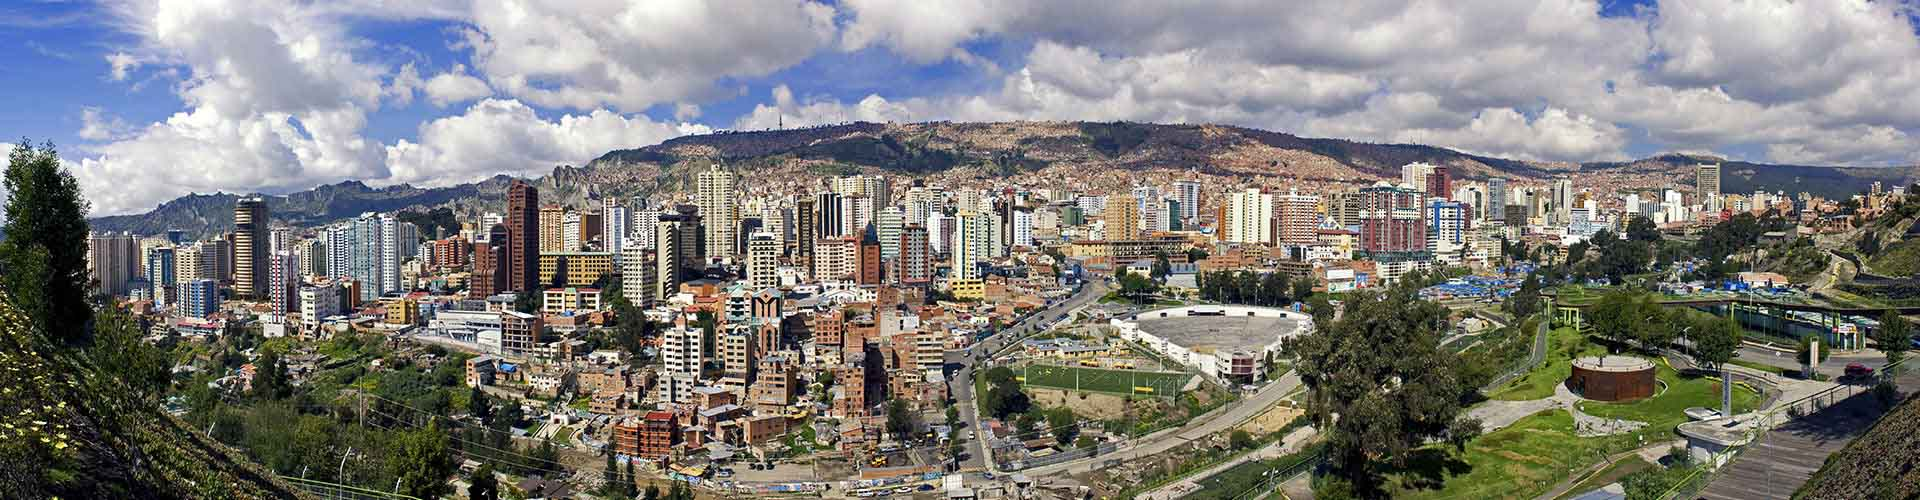 La Paz - Zimmer in La Paz. La Paz auf der Karte. Fotos und Bewertungen für jedes Zimmer in La Paz.